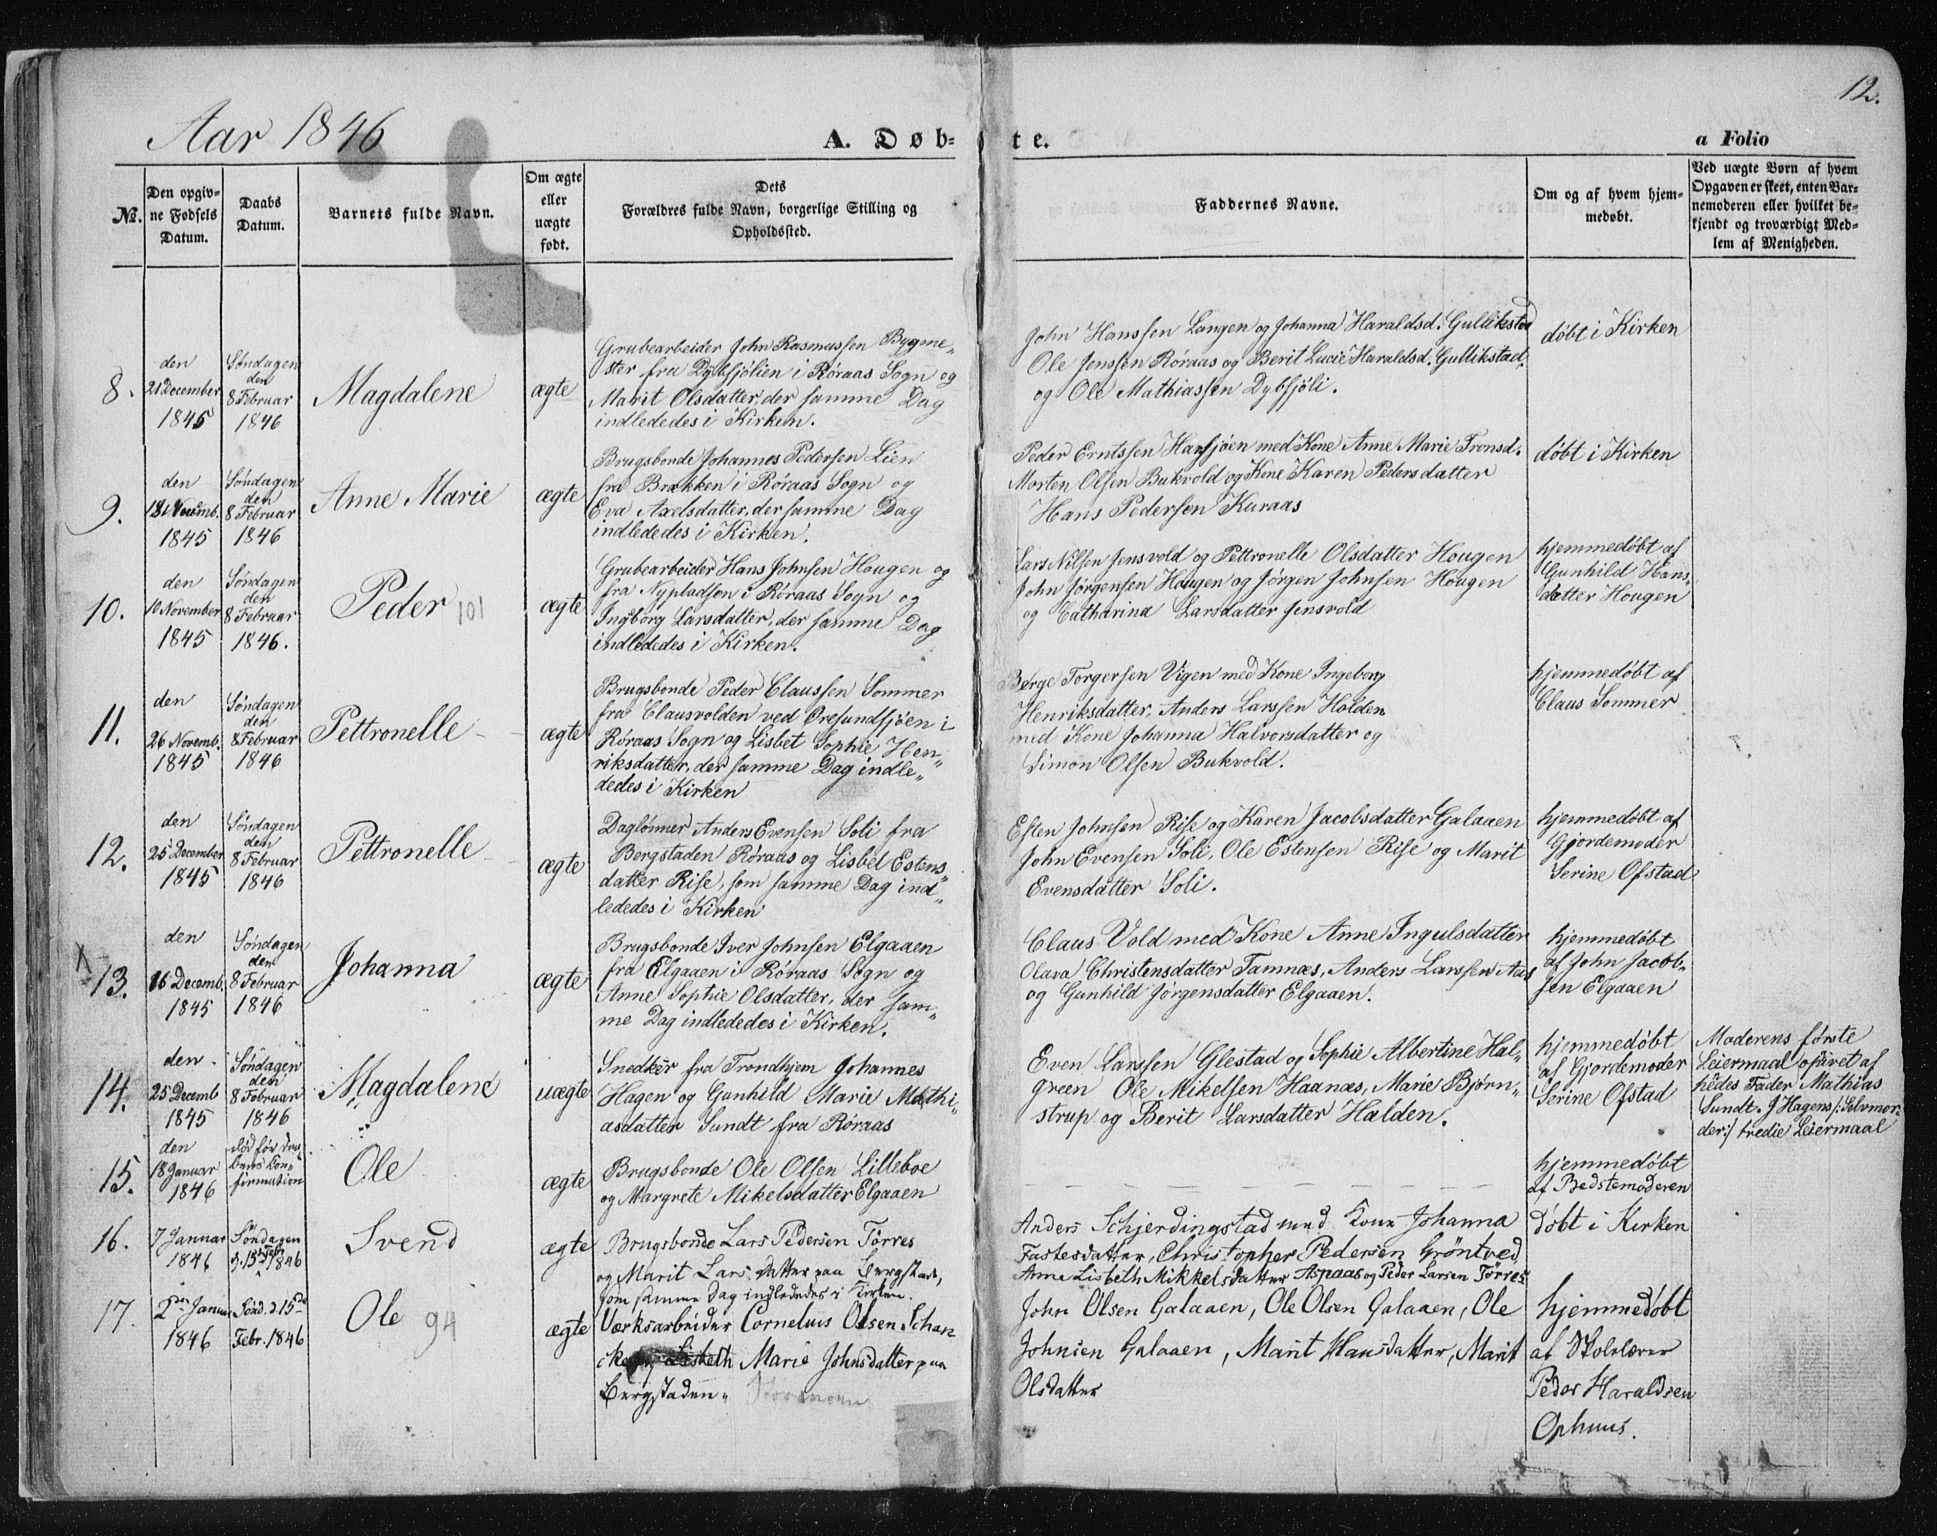 SAT, Ministerialprotokoller, klokkerbøker og fødselsregistre - Sør-Trøndelag, 681/L0931: Ministerialbok nr. 681A09, 1845-1859, s. 12